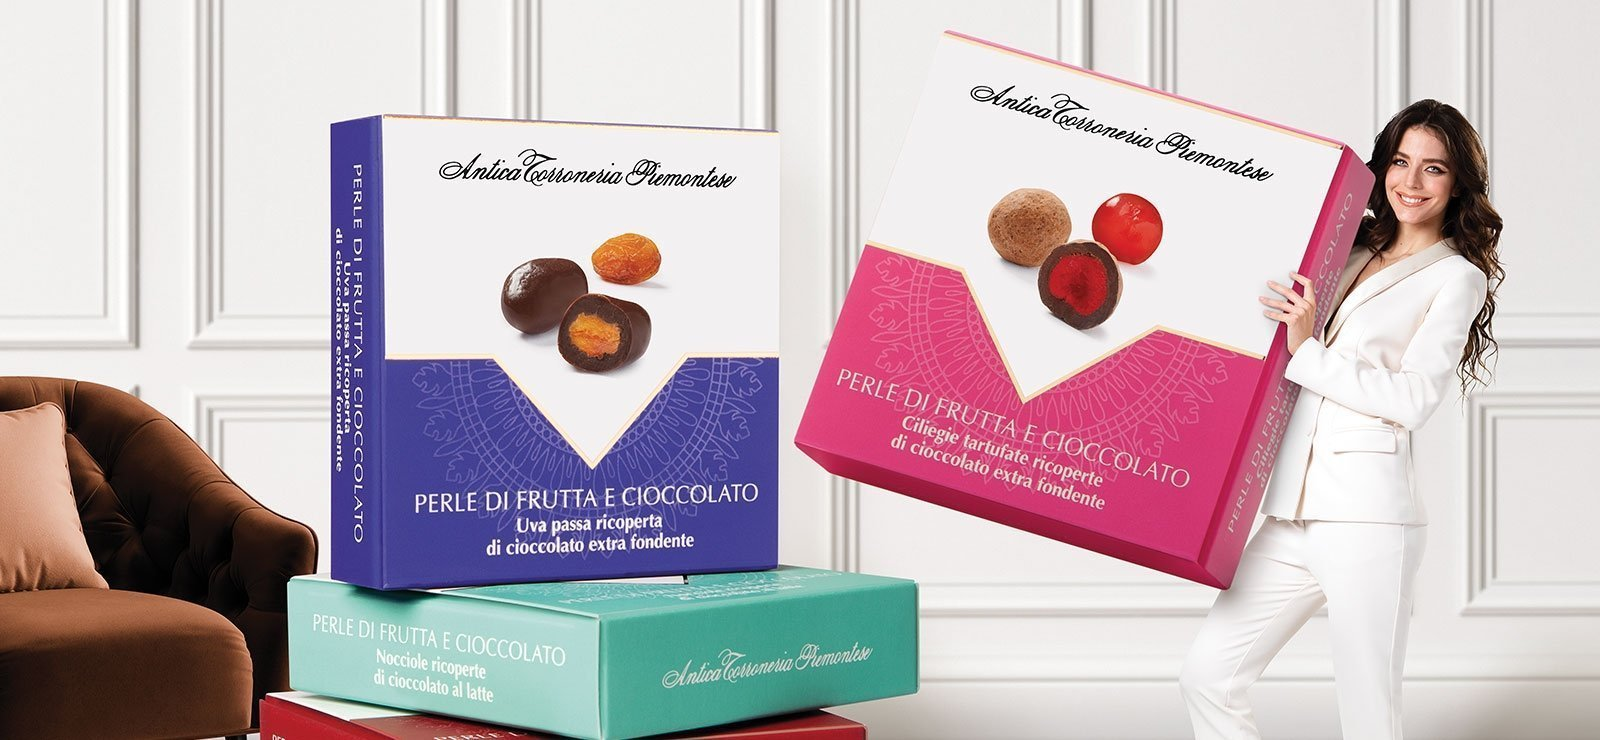 Antica Torroneria Piemontese - Perle di frutta e cioccolato